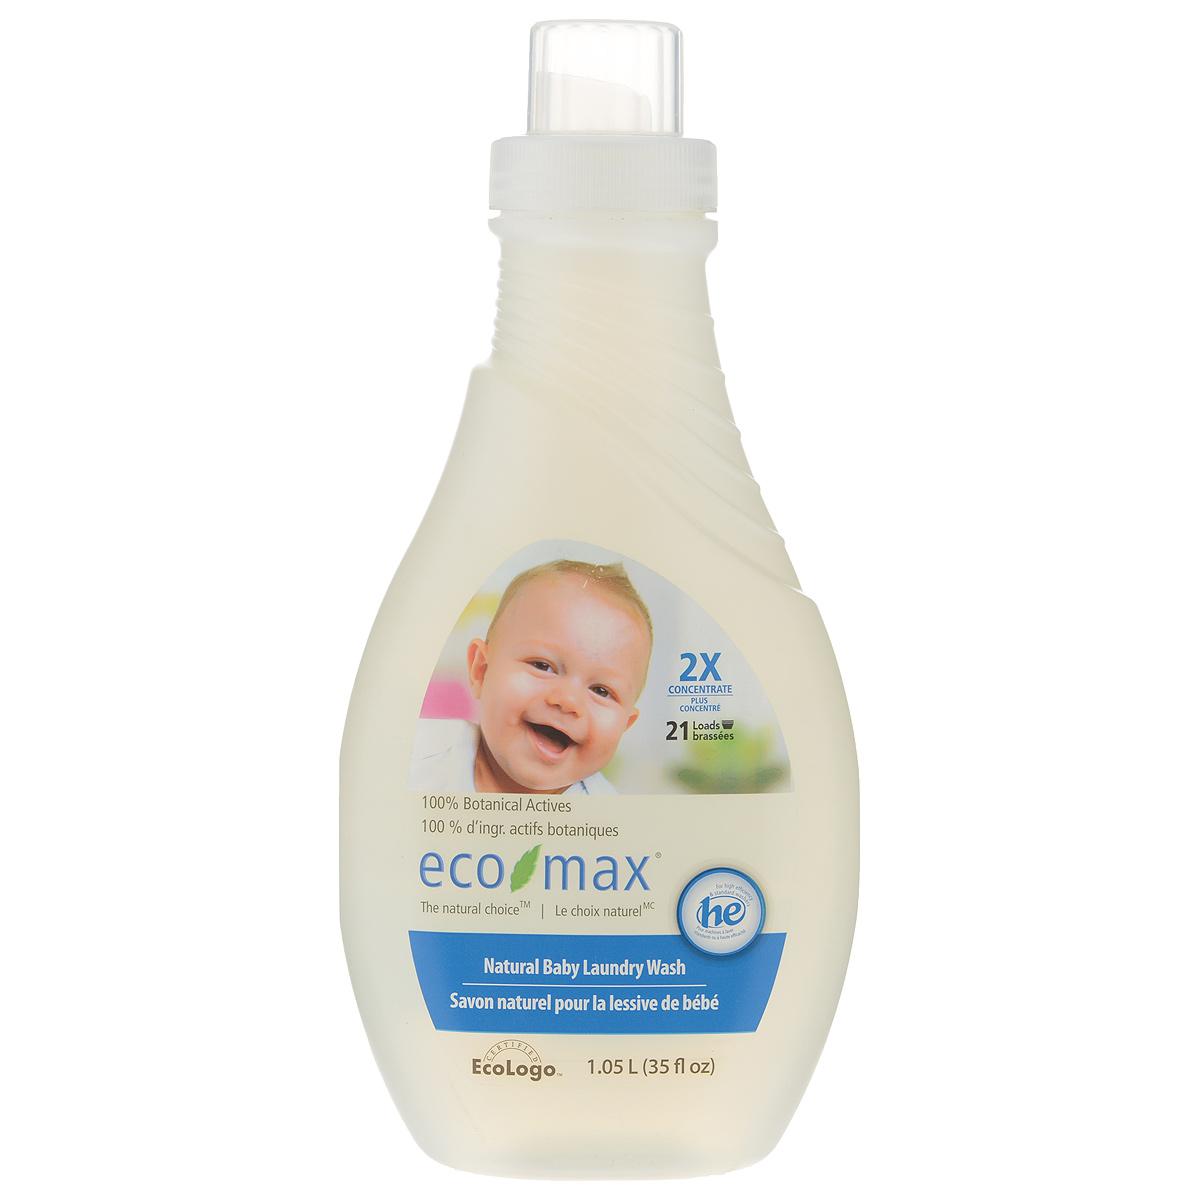 Жидкое средство для стирки детской одежды Eco Max, концентрированное, 1,05 лEmax-C134Жидкое концентрированное средство Eco Max предназначено для стирки детской одежды. Особенности: - Гипоаллергенное - Без химического осадка - Без запаха - Без сульфатов - Без фосфатов - Без нефтепродуктов - Без оптических отбеливателей - Без искусственных консервантов - Безопасно для детской одежды и пеленок - Безопасно для канализационных резервуаров и обитателей водоемов - Биоразлагаемое Подходит для ручной и машинной стирки, для всех типов ткани. Состав: вода, полигликозиды (из кокосового масла и кукурузного сиропа), пищевой цитрат натрия, пищевой загуститель, пищевая лимонная кислота и пищевой сорбат калия. Товар сертифицирован.